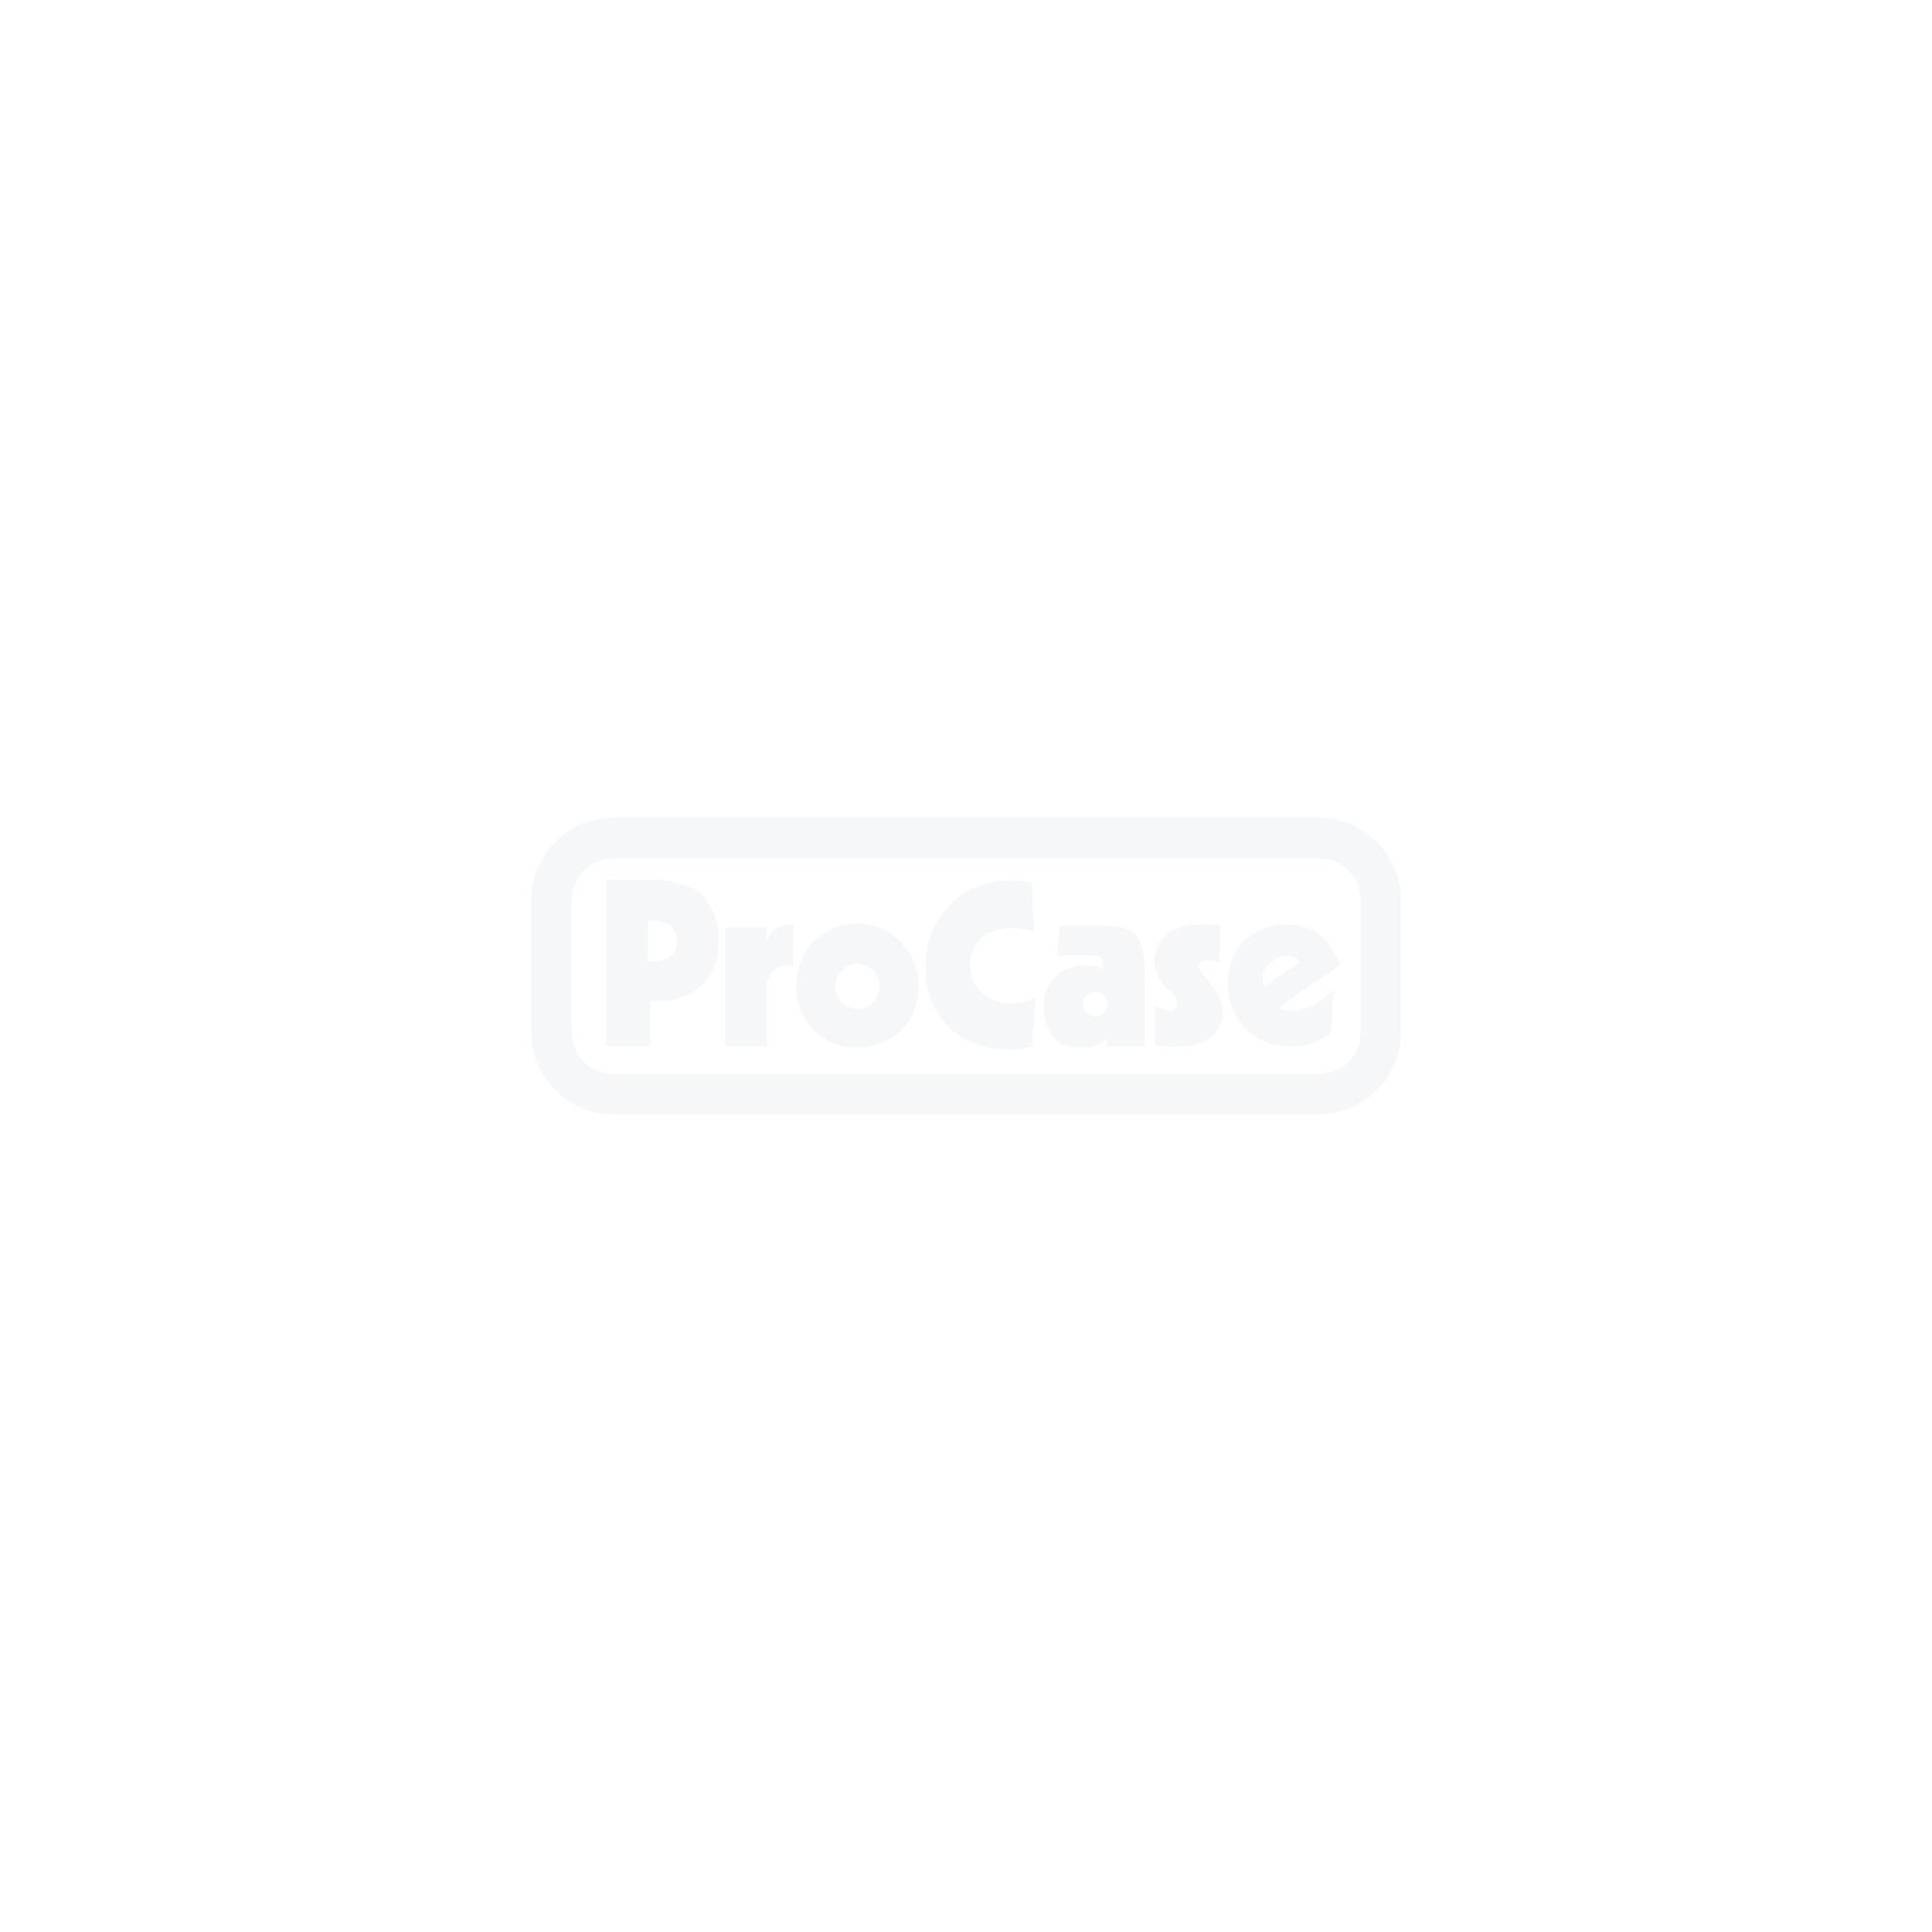 Flightcase für 2 TW Audio M8 inkl. Zubehör 2